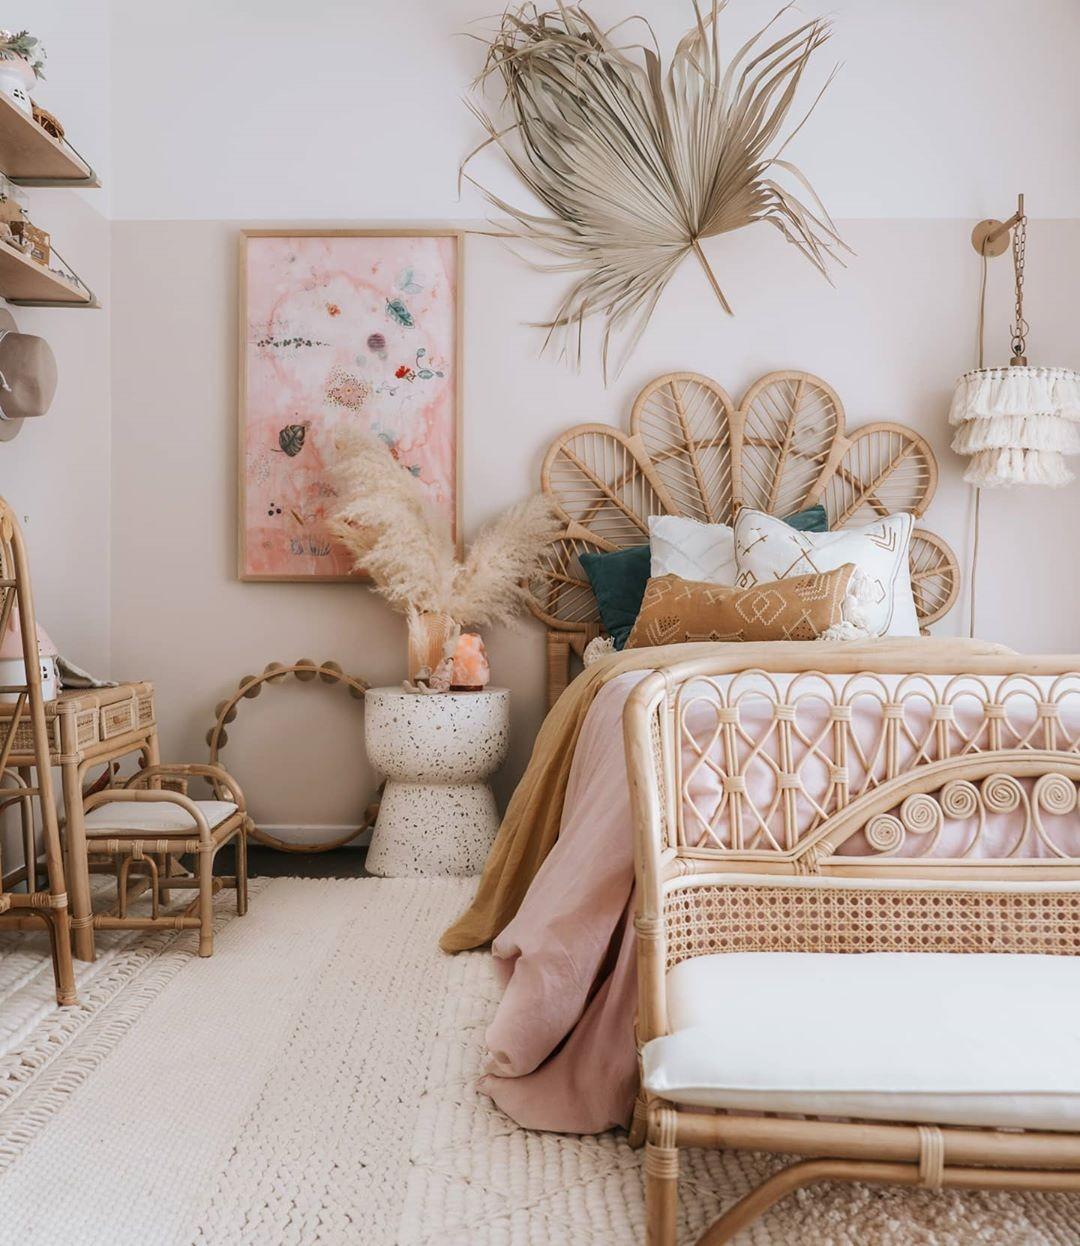 Décor do dia: quarto infantil com cama de fibras naturais (Foto: Reprodução/Instagram)